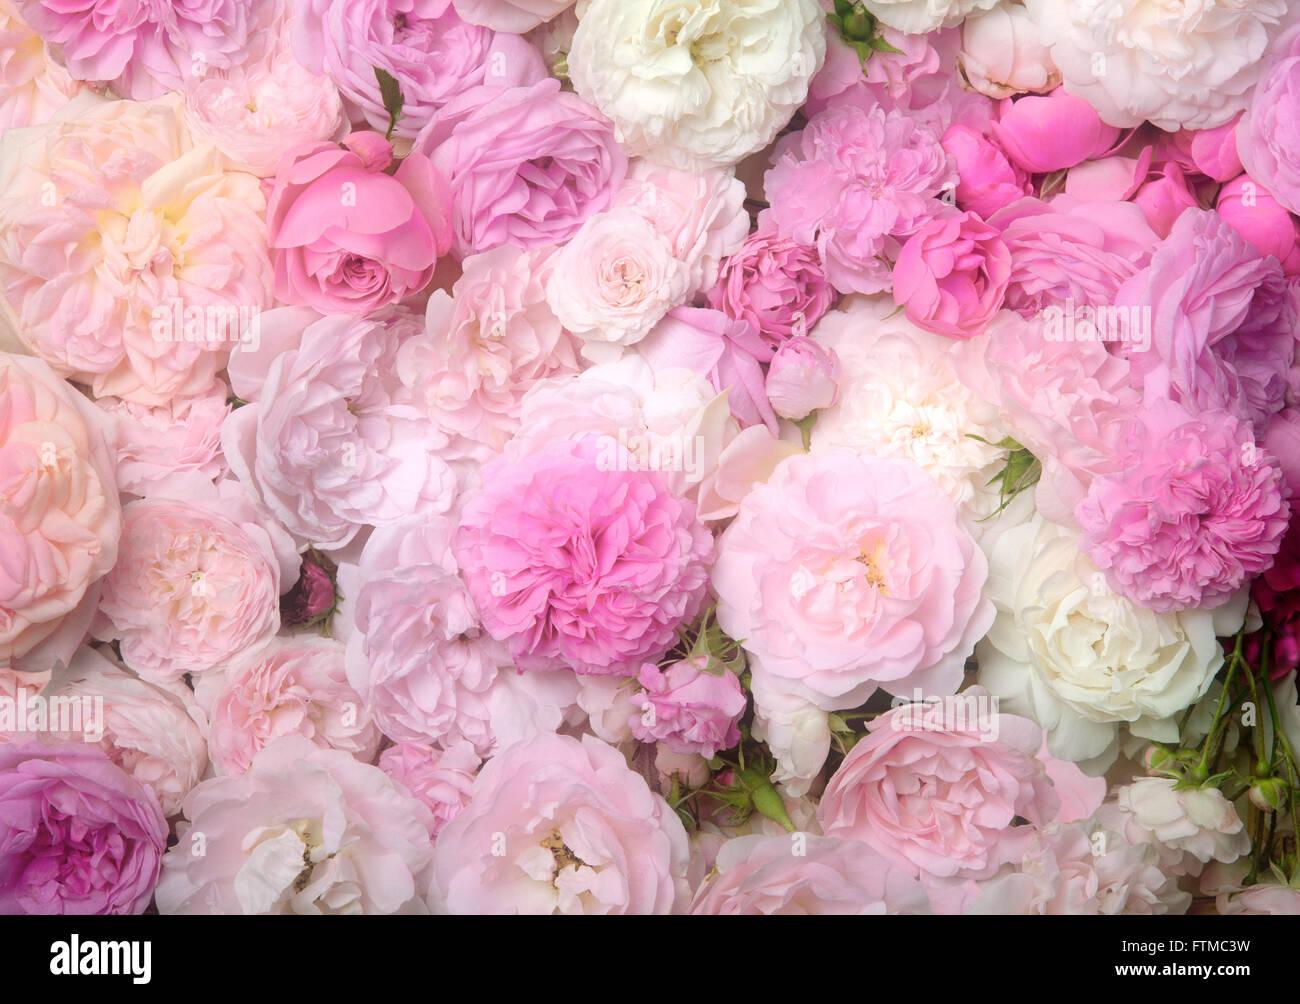 Vintage Hochzeitsblumen Stockfotos Vintage Hochzeitsblumen Bilder